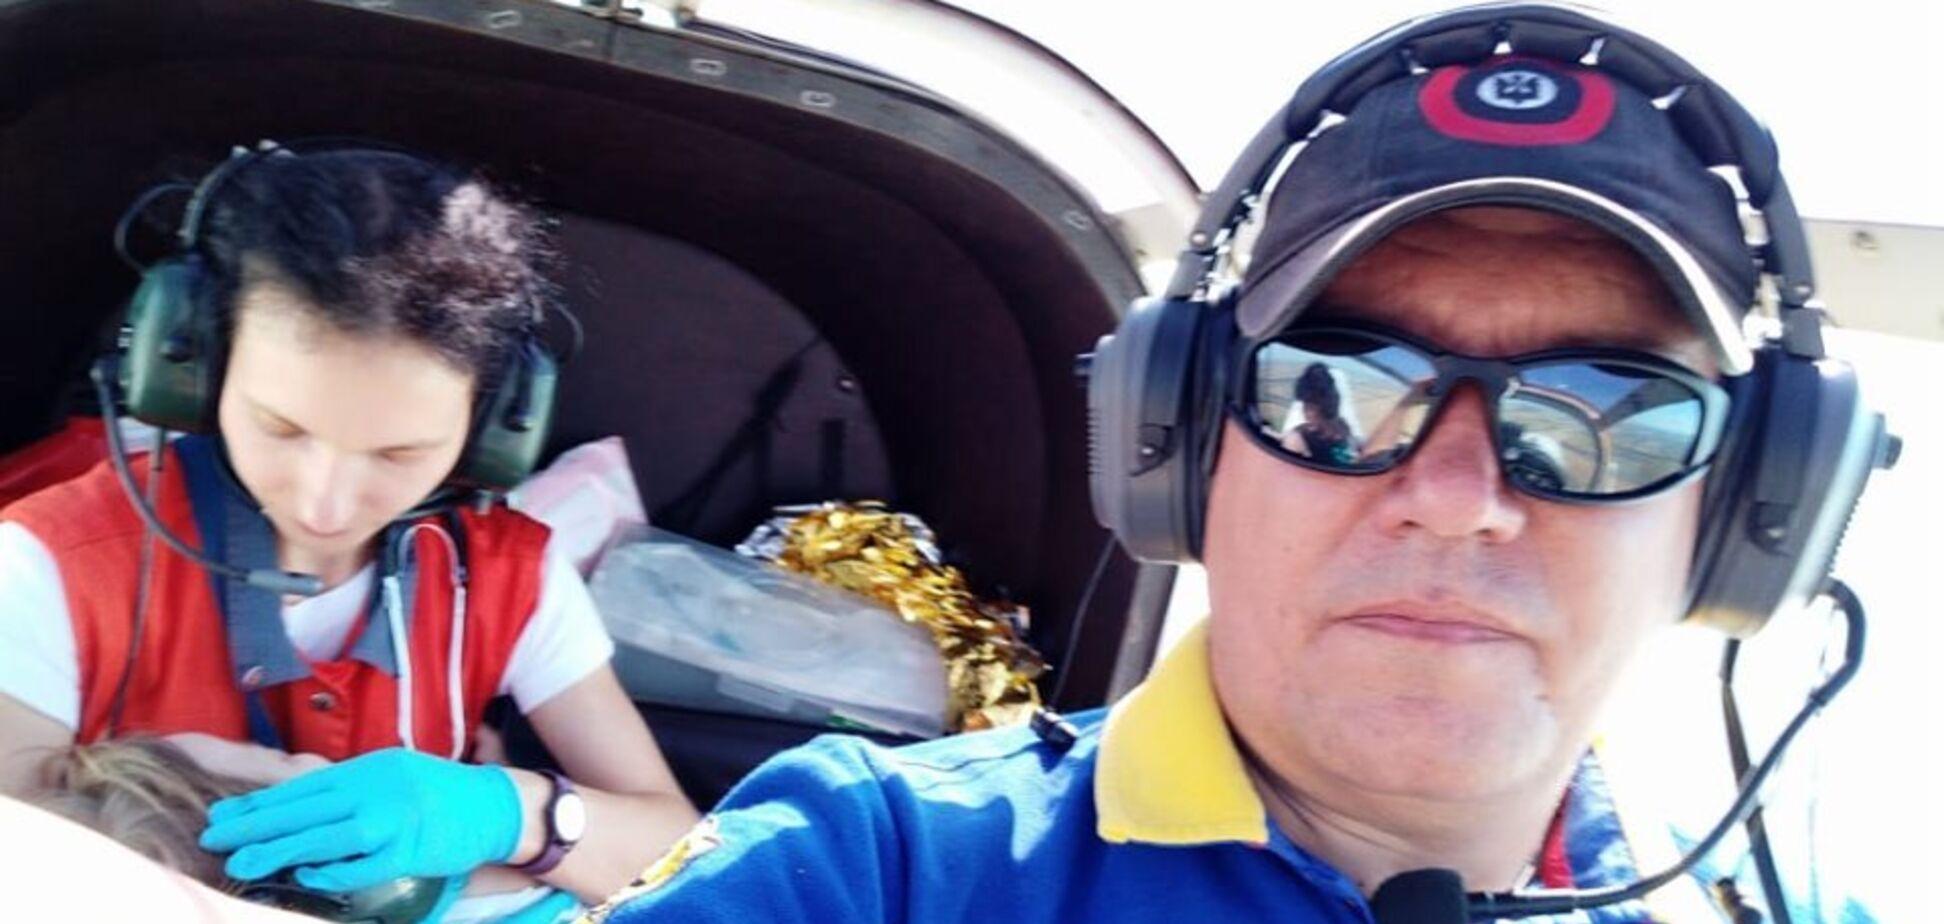 Руками 'відправили' літак: українців зворушила неймовірна історія порятунку дитини на Харківщині